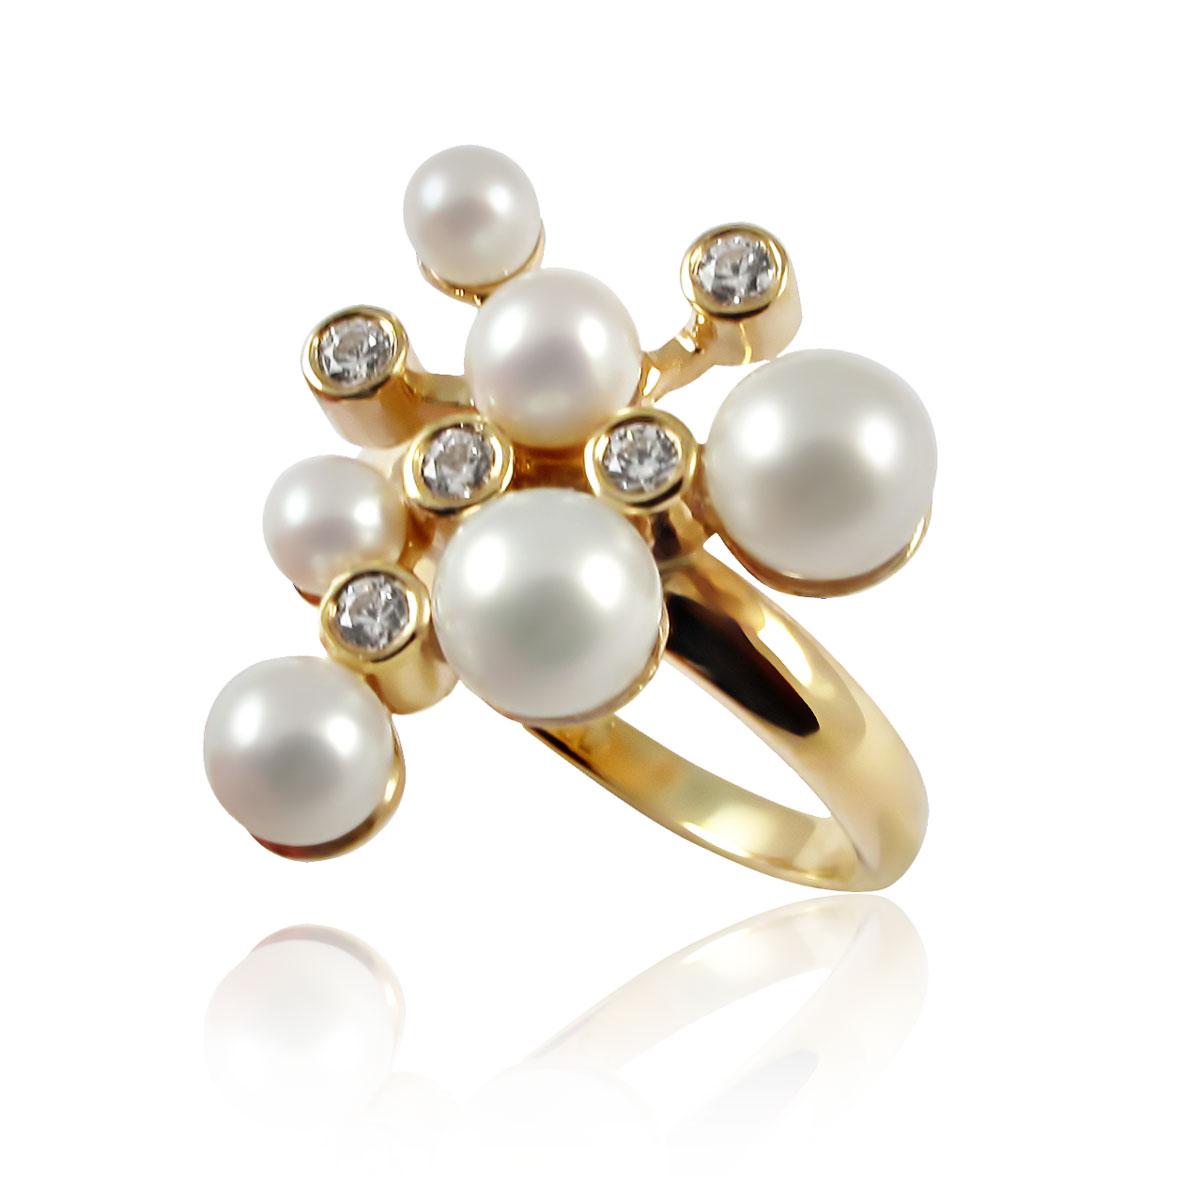 Золоте кільце з перлинами «Бризки шампанського»